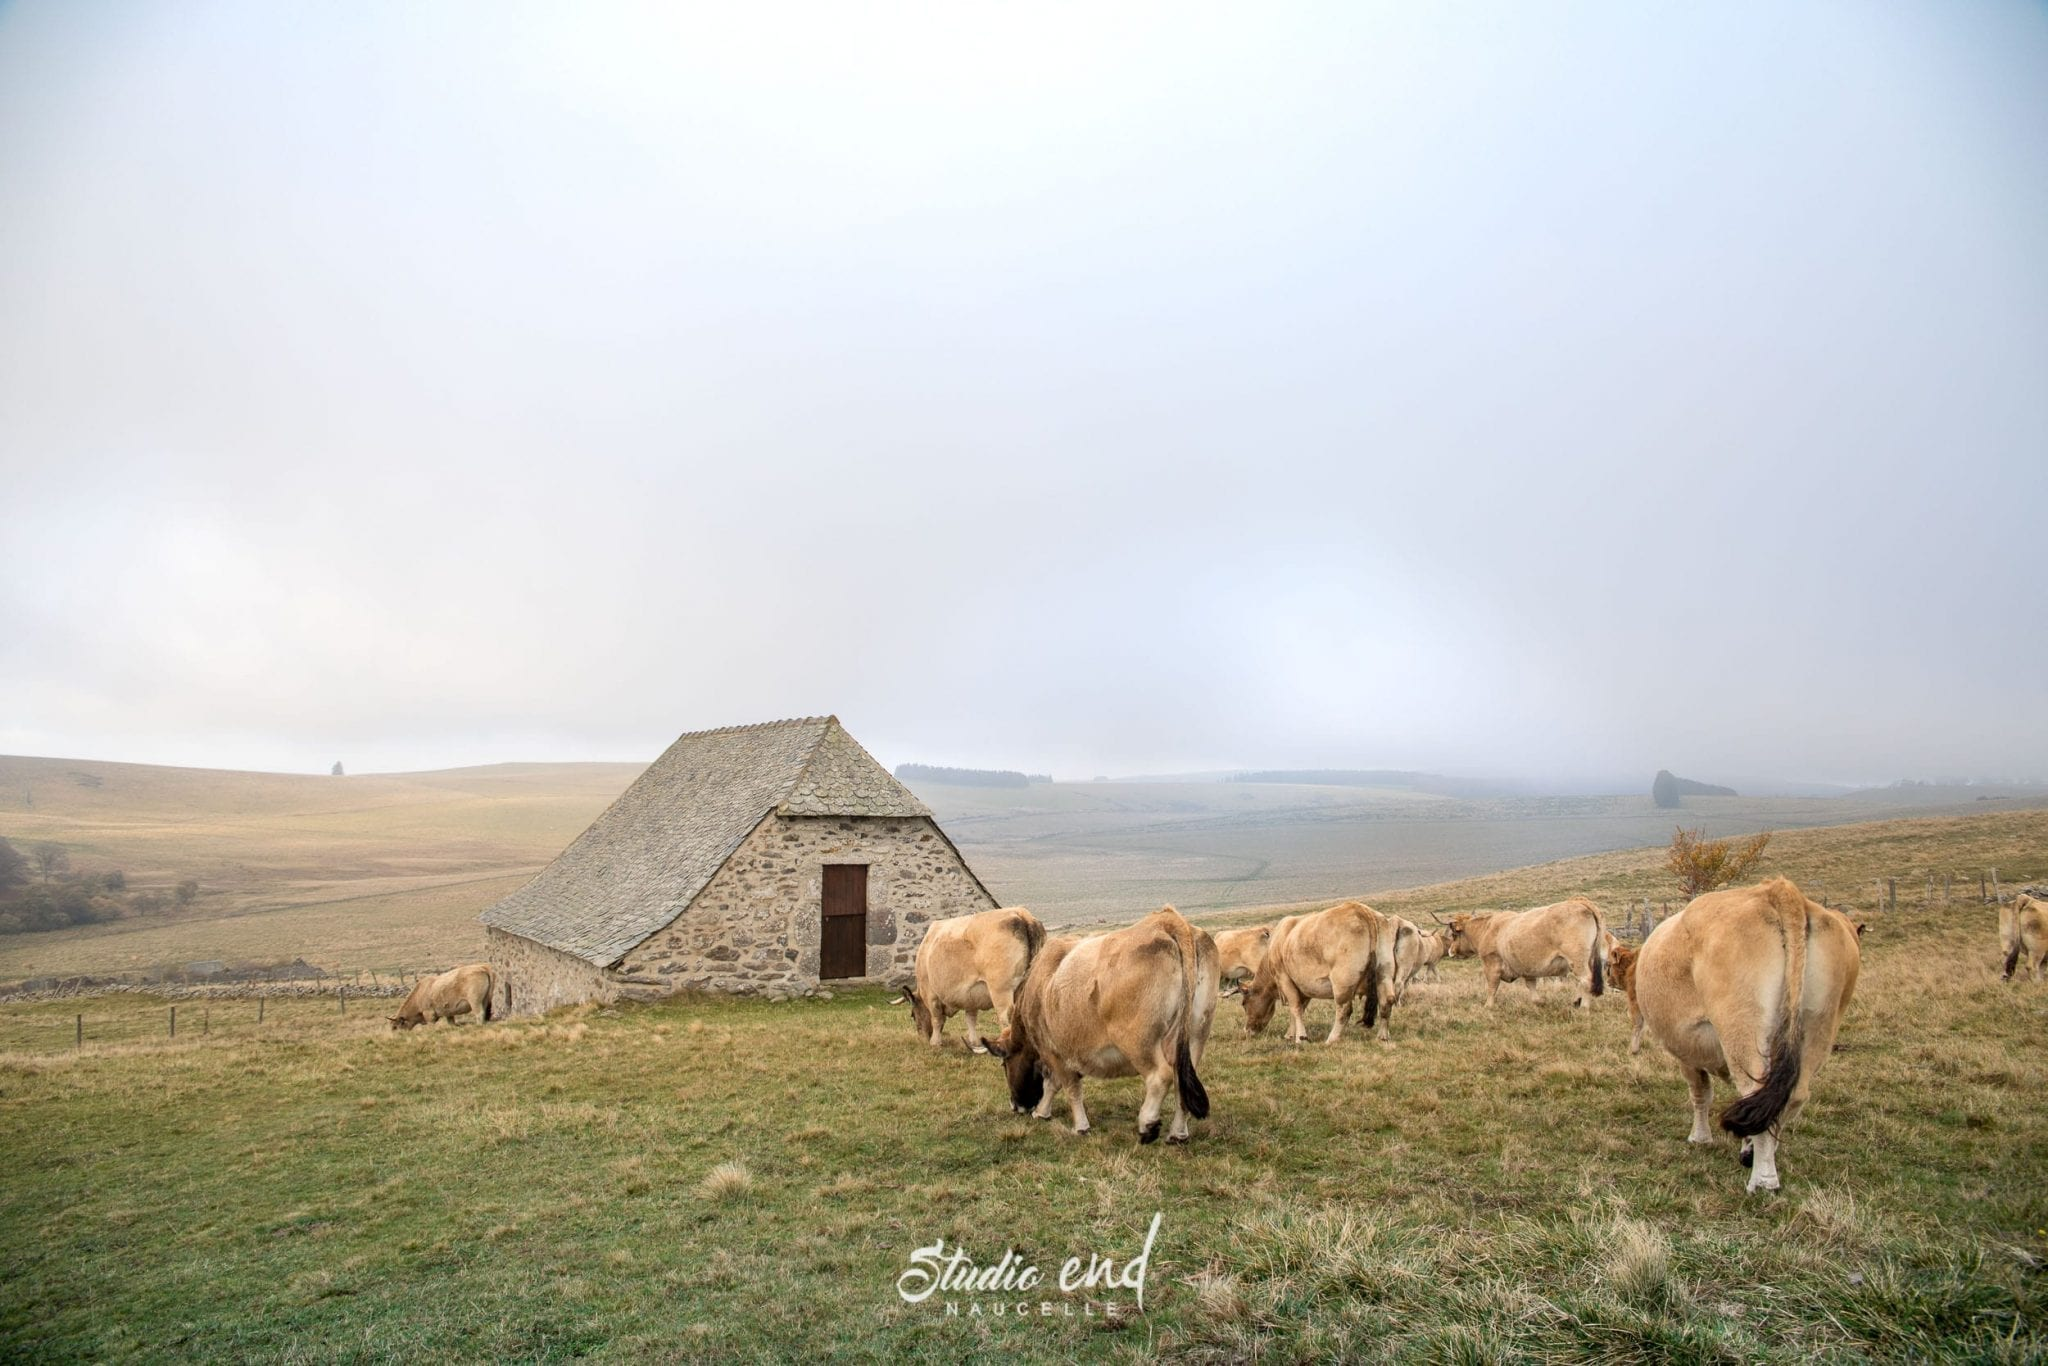 Buron et vaches aveyronnaise, reportage photo pour les entreprises à Rodez